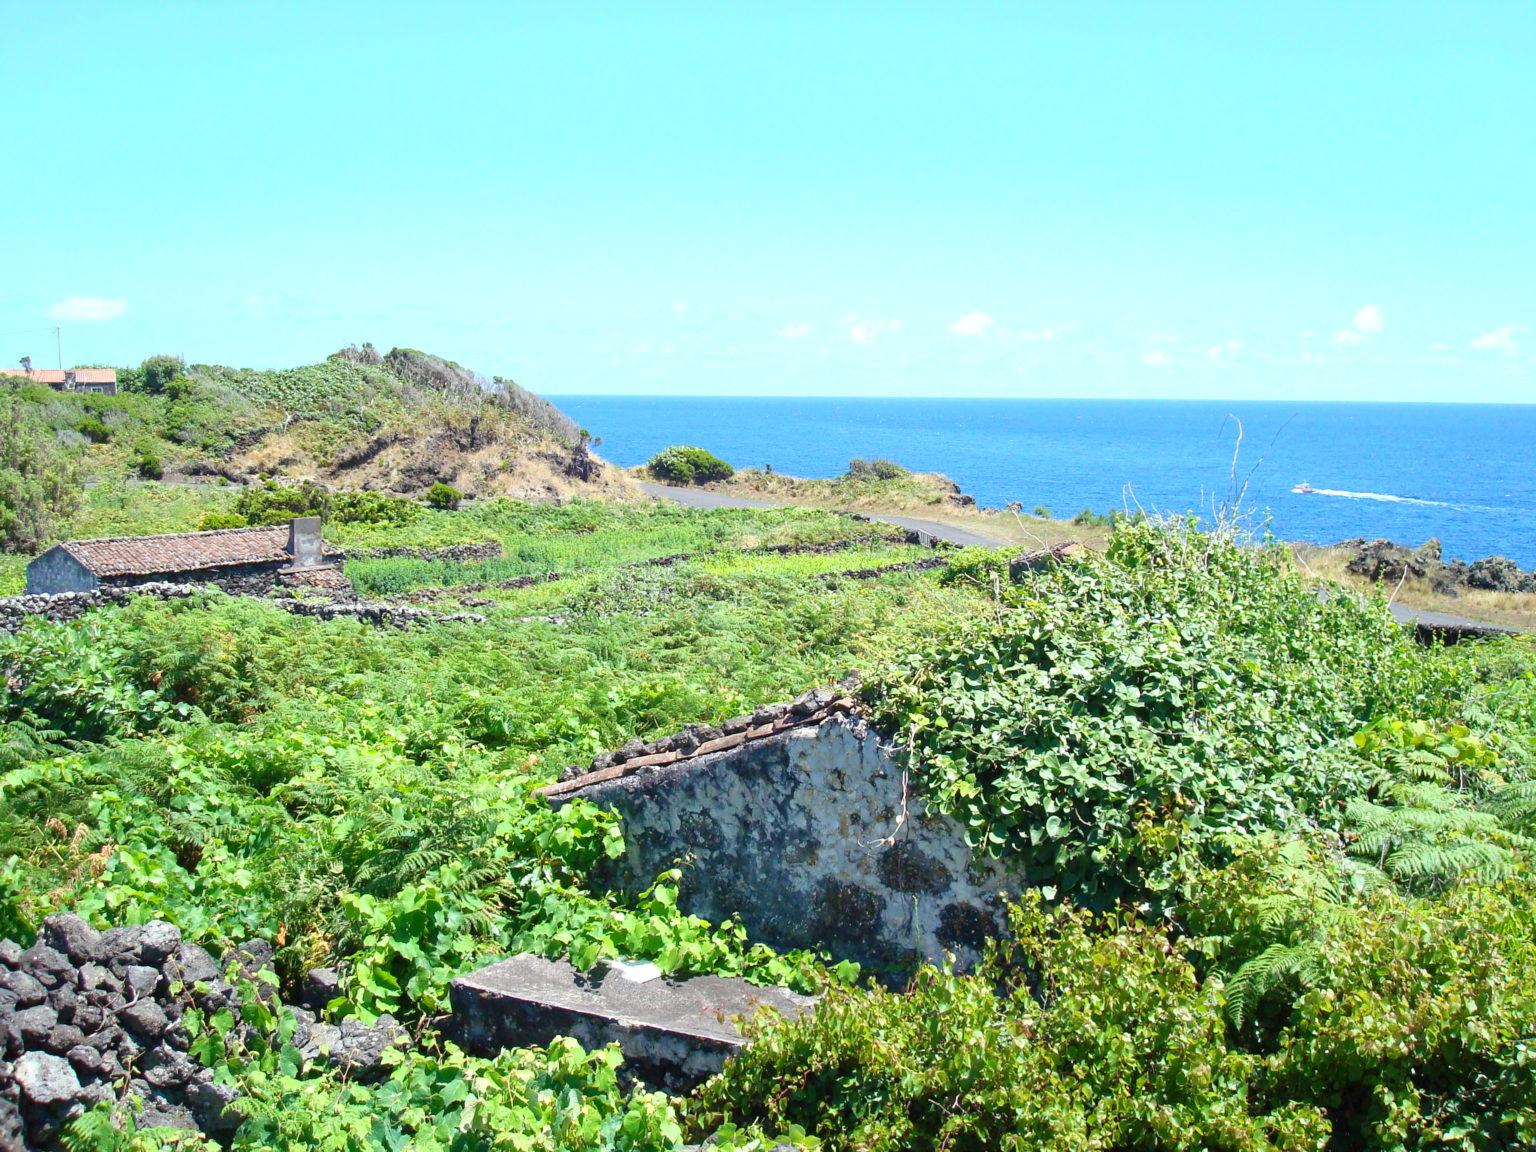 Property for sale Calheta de Nesquim